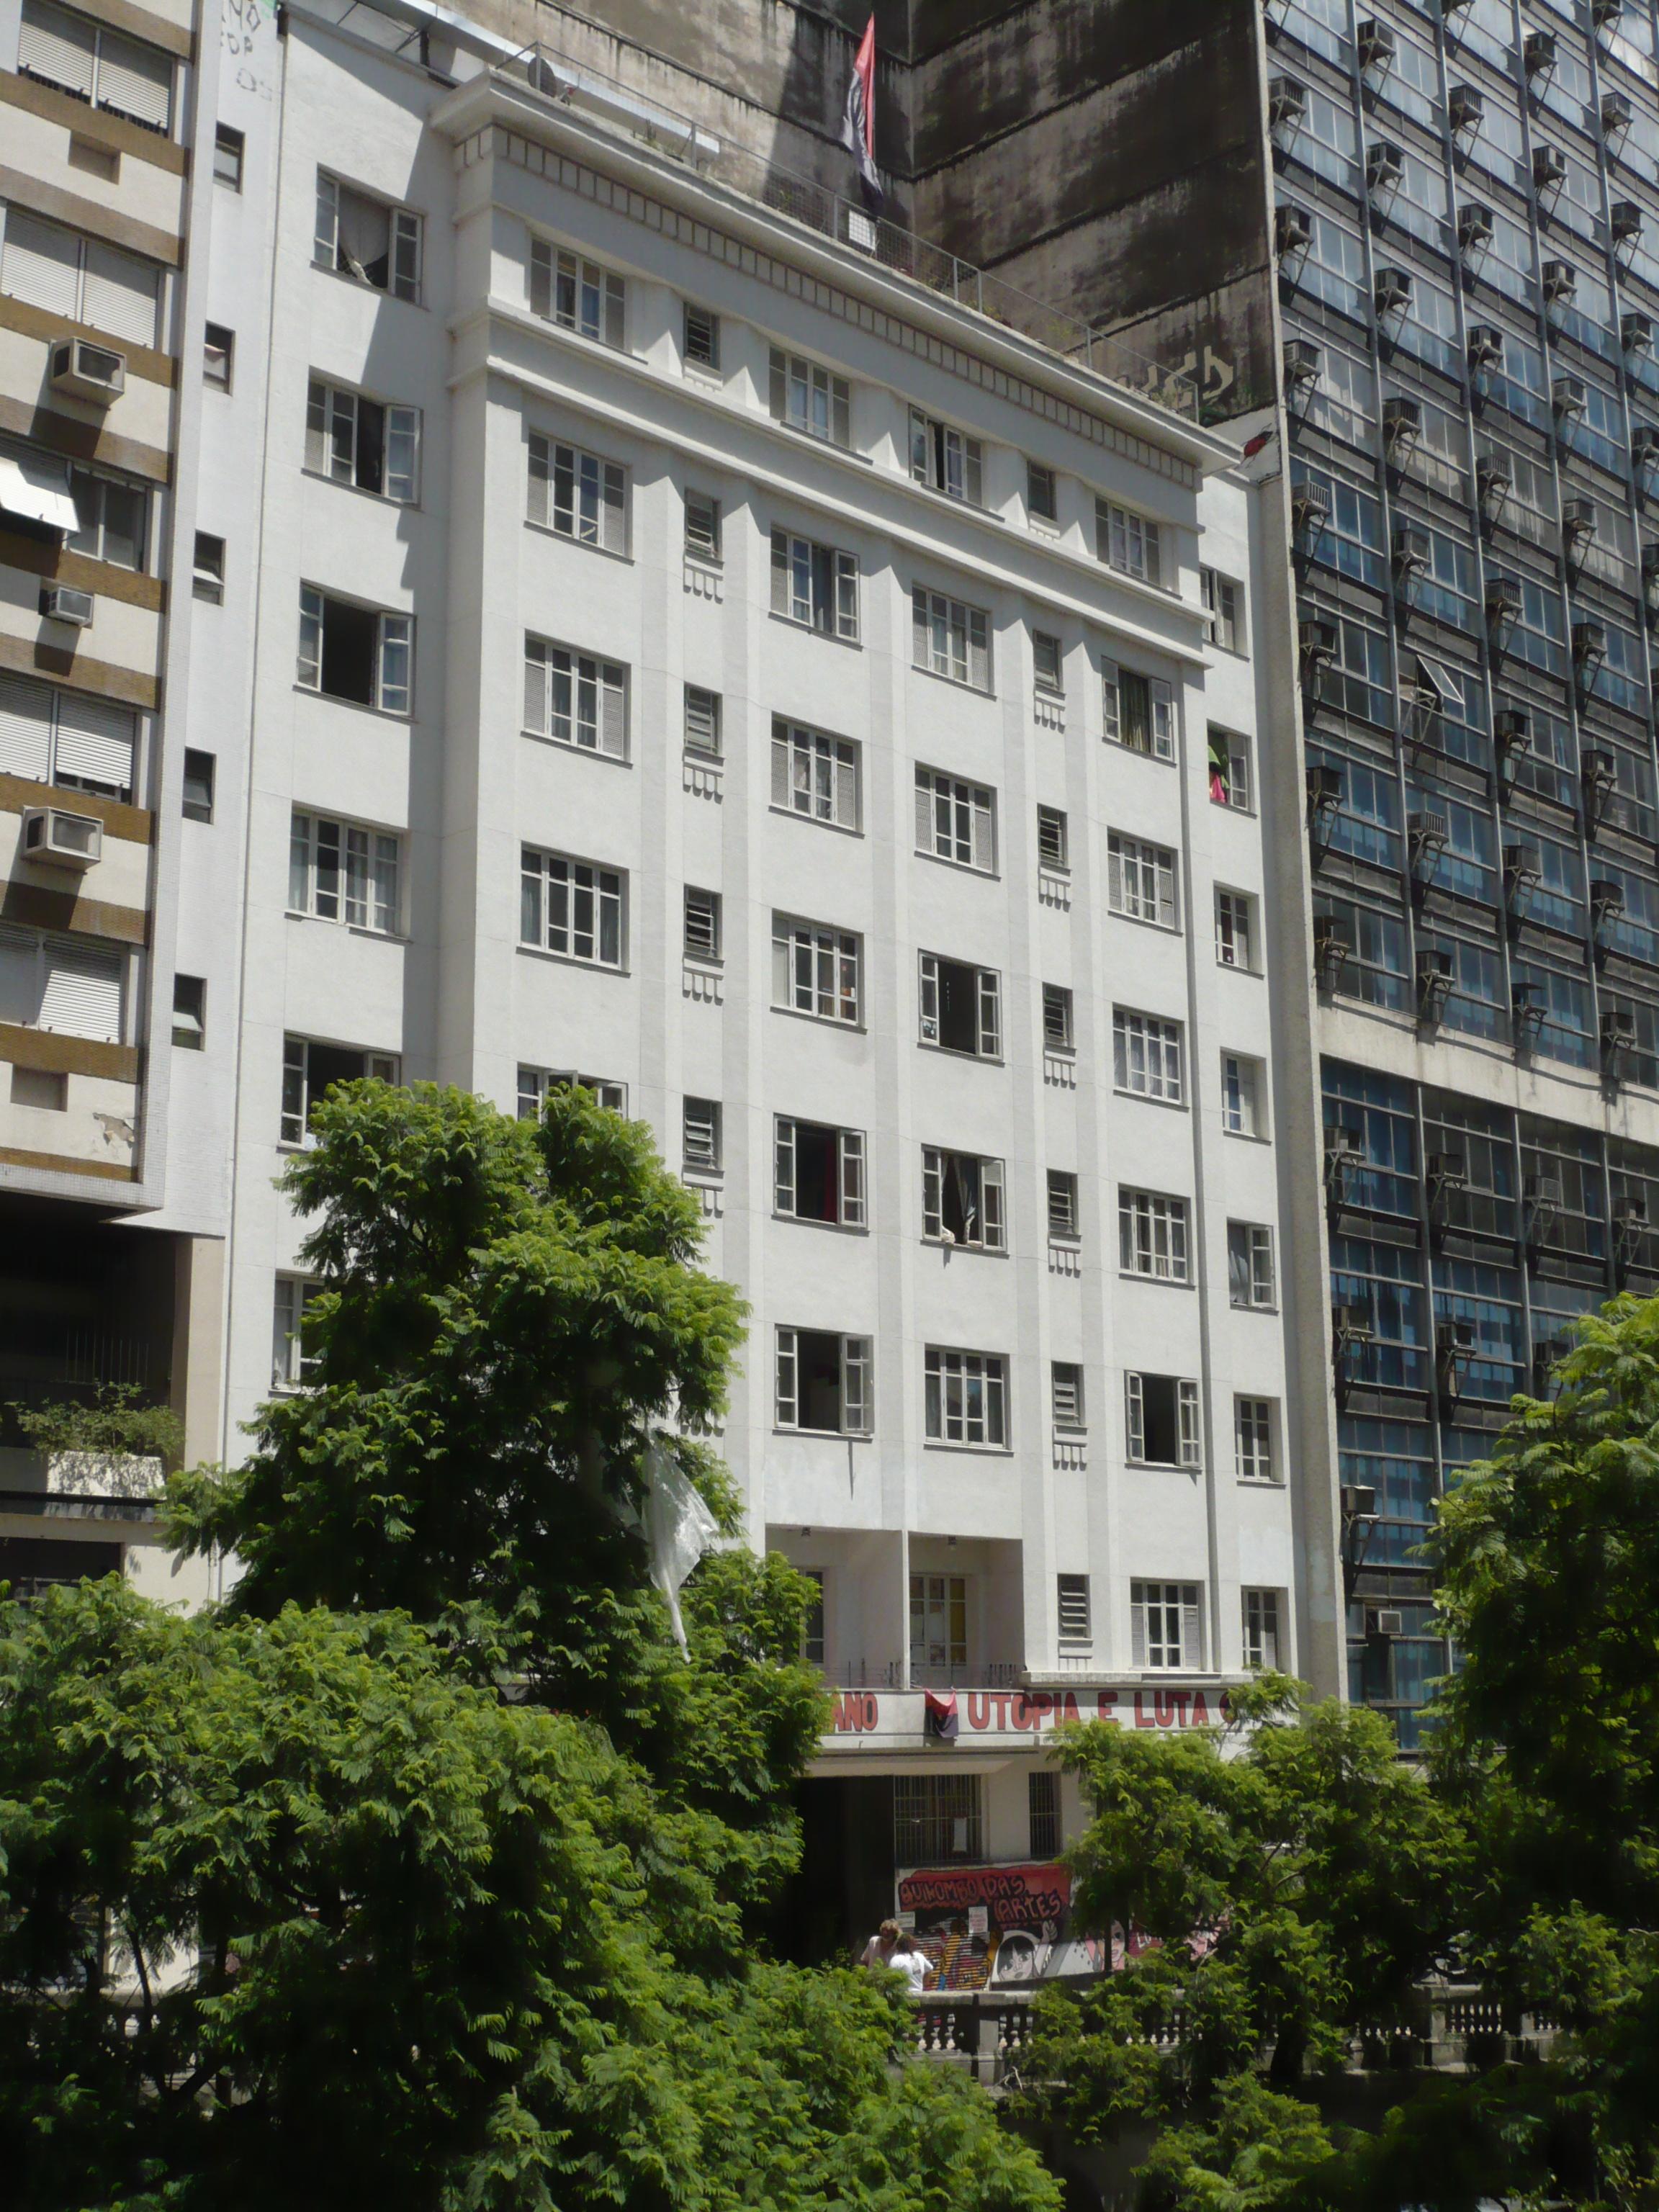 Brésil : Occupation urbaine et coopérative solidaire « utopie et lutte »